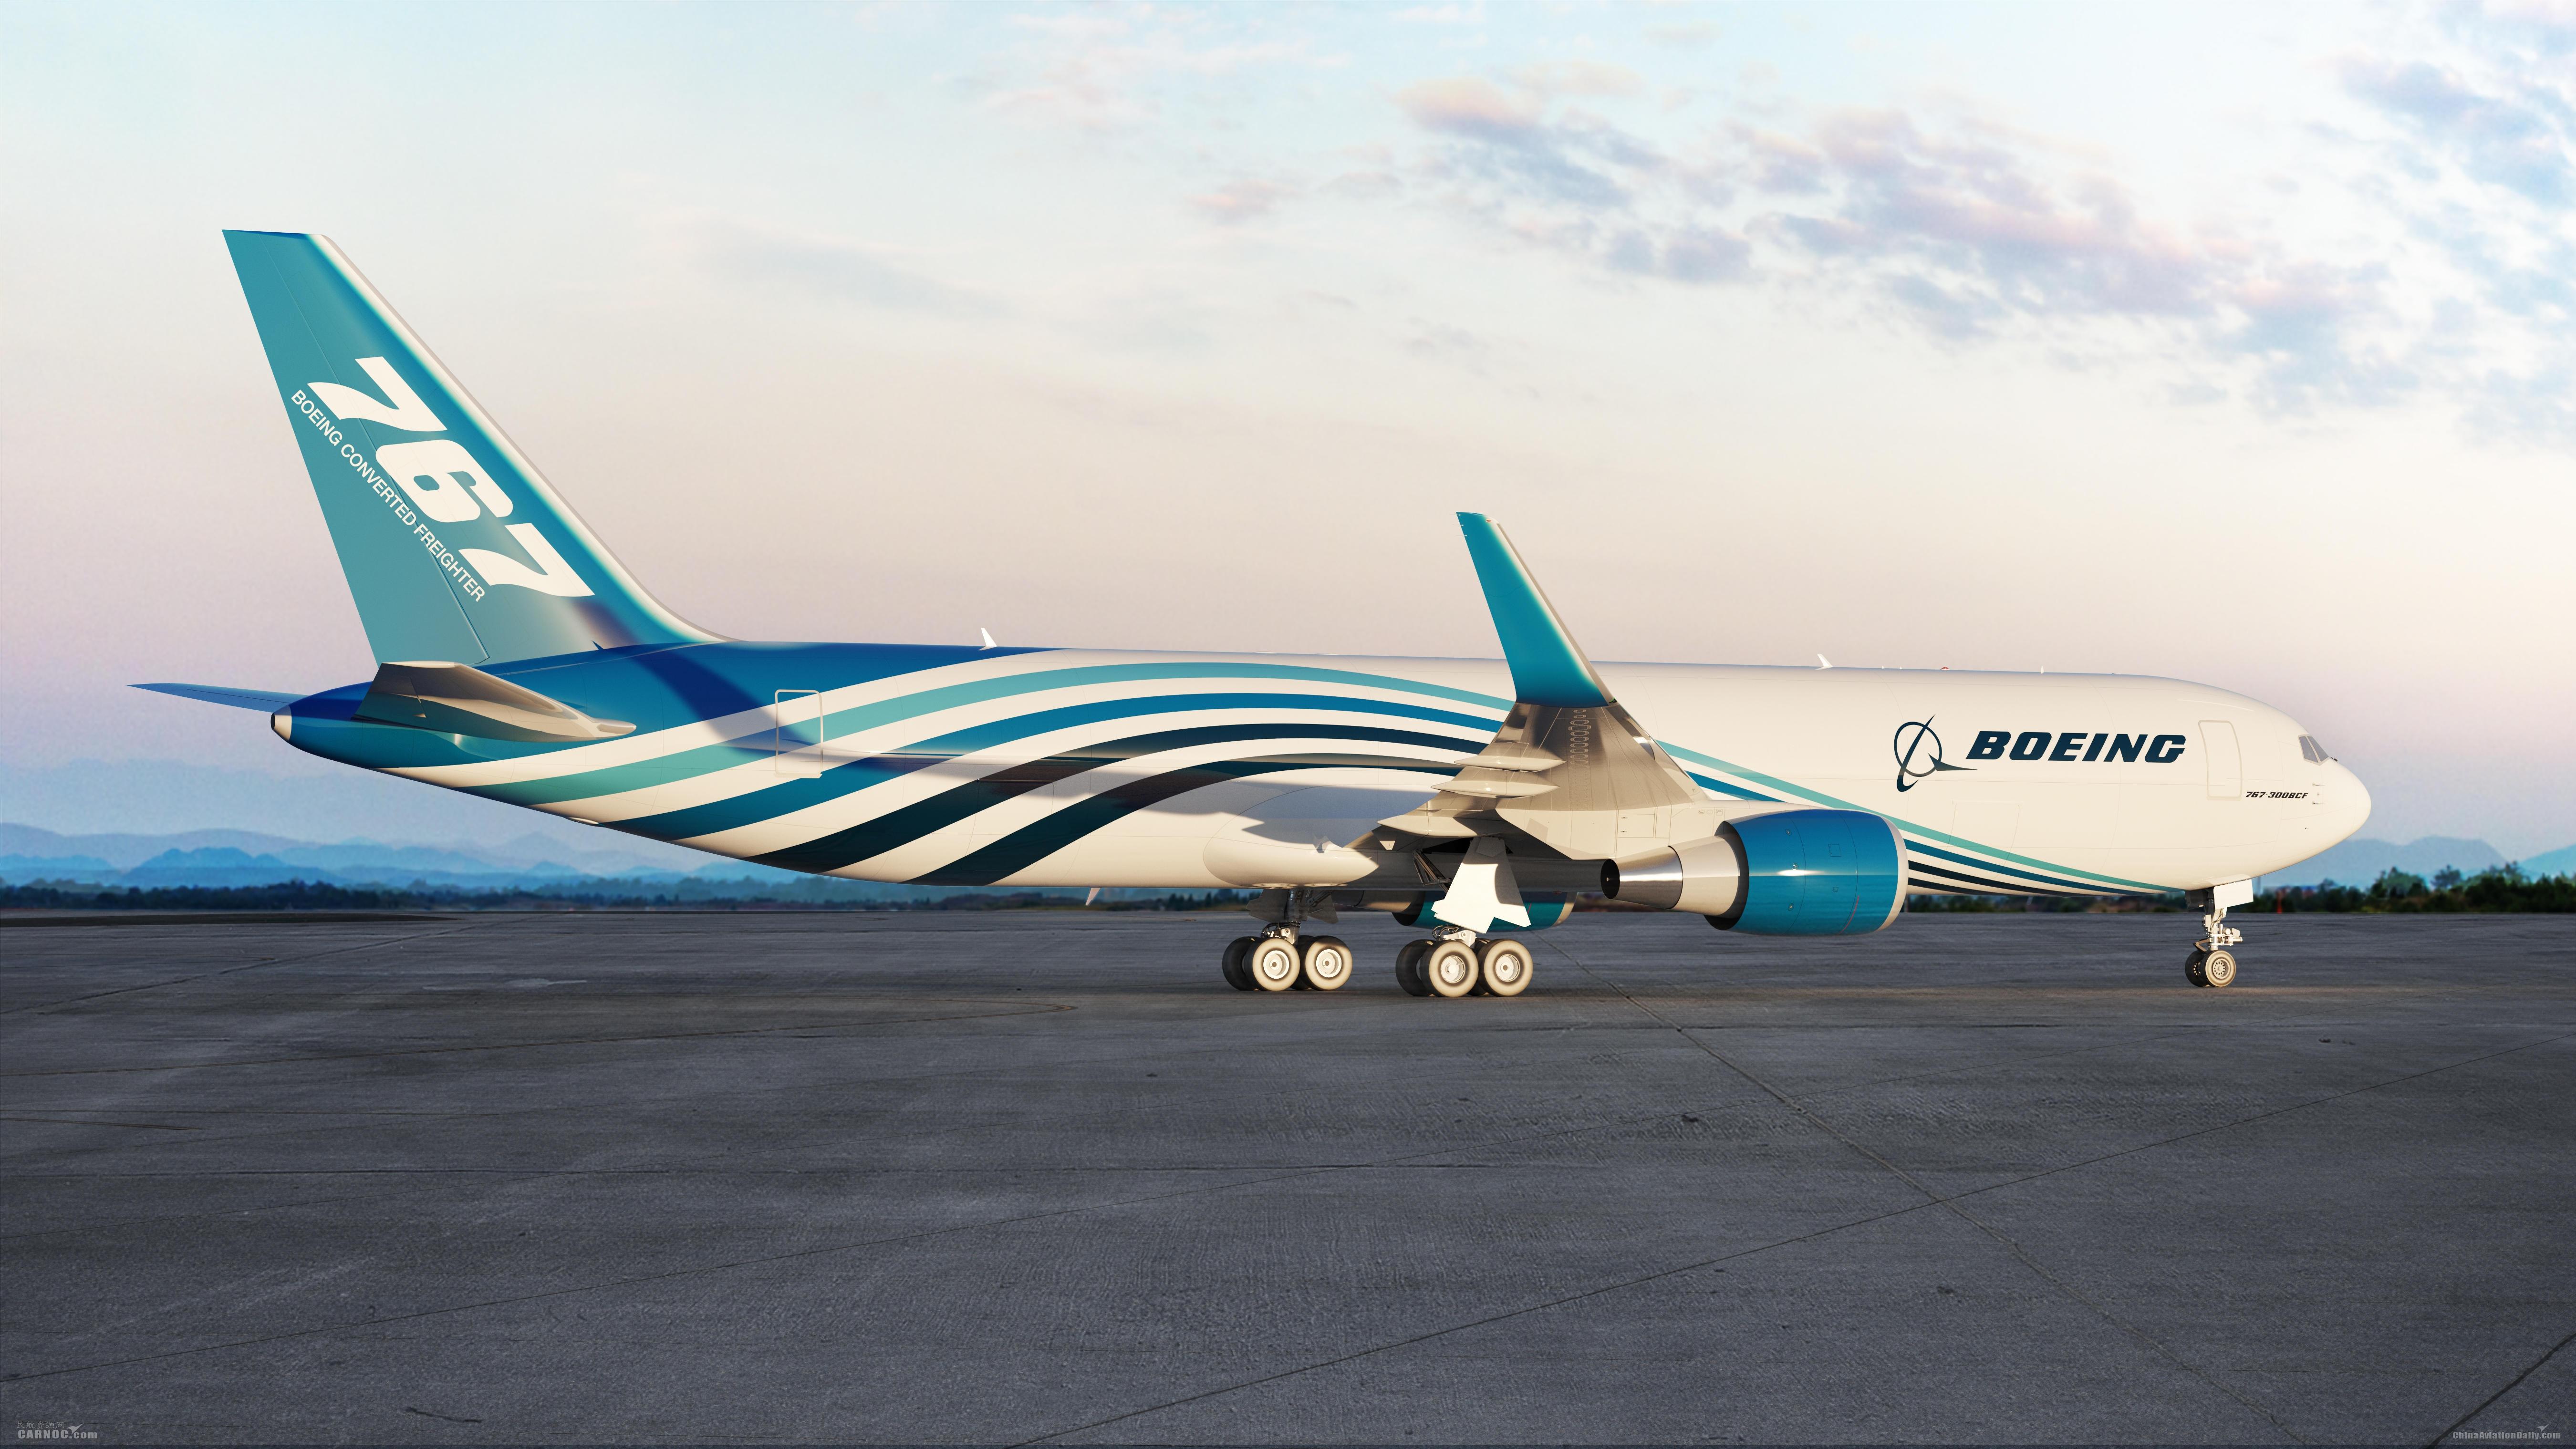 市场需求依然强劲,波音在GAMECO增设767-300BCF改装生产线